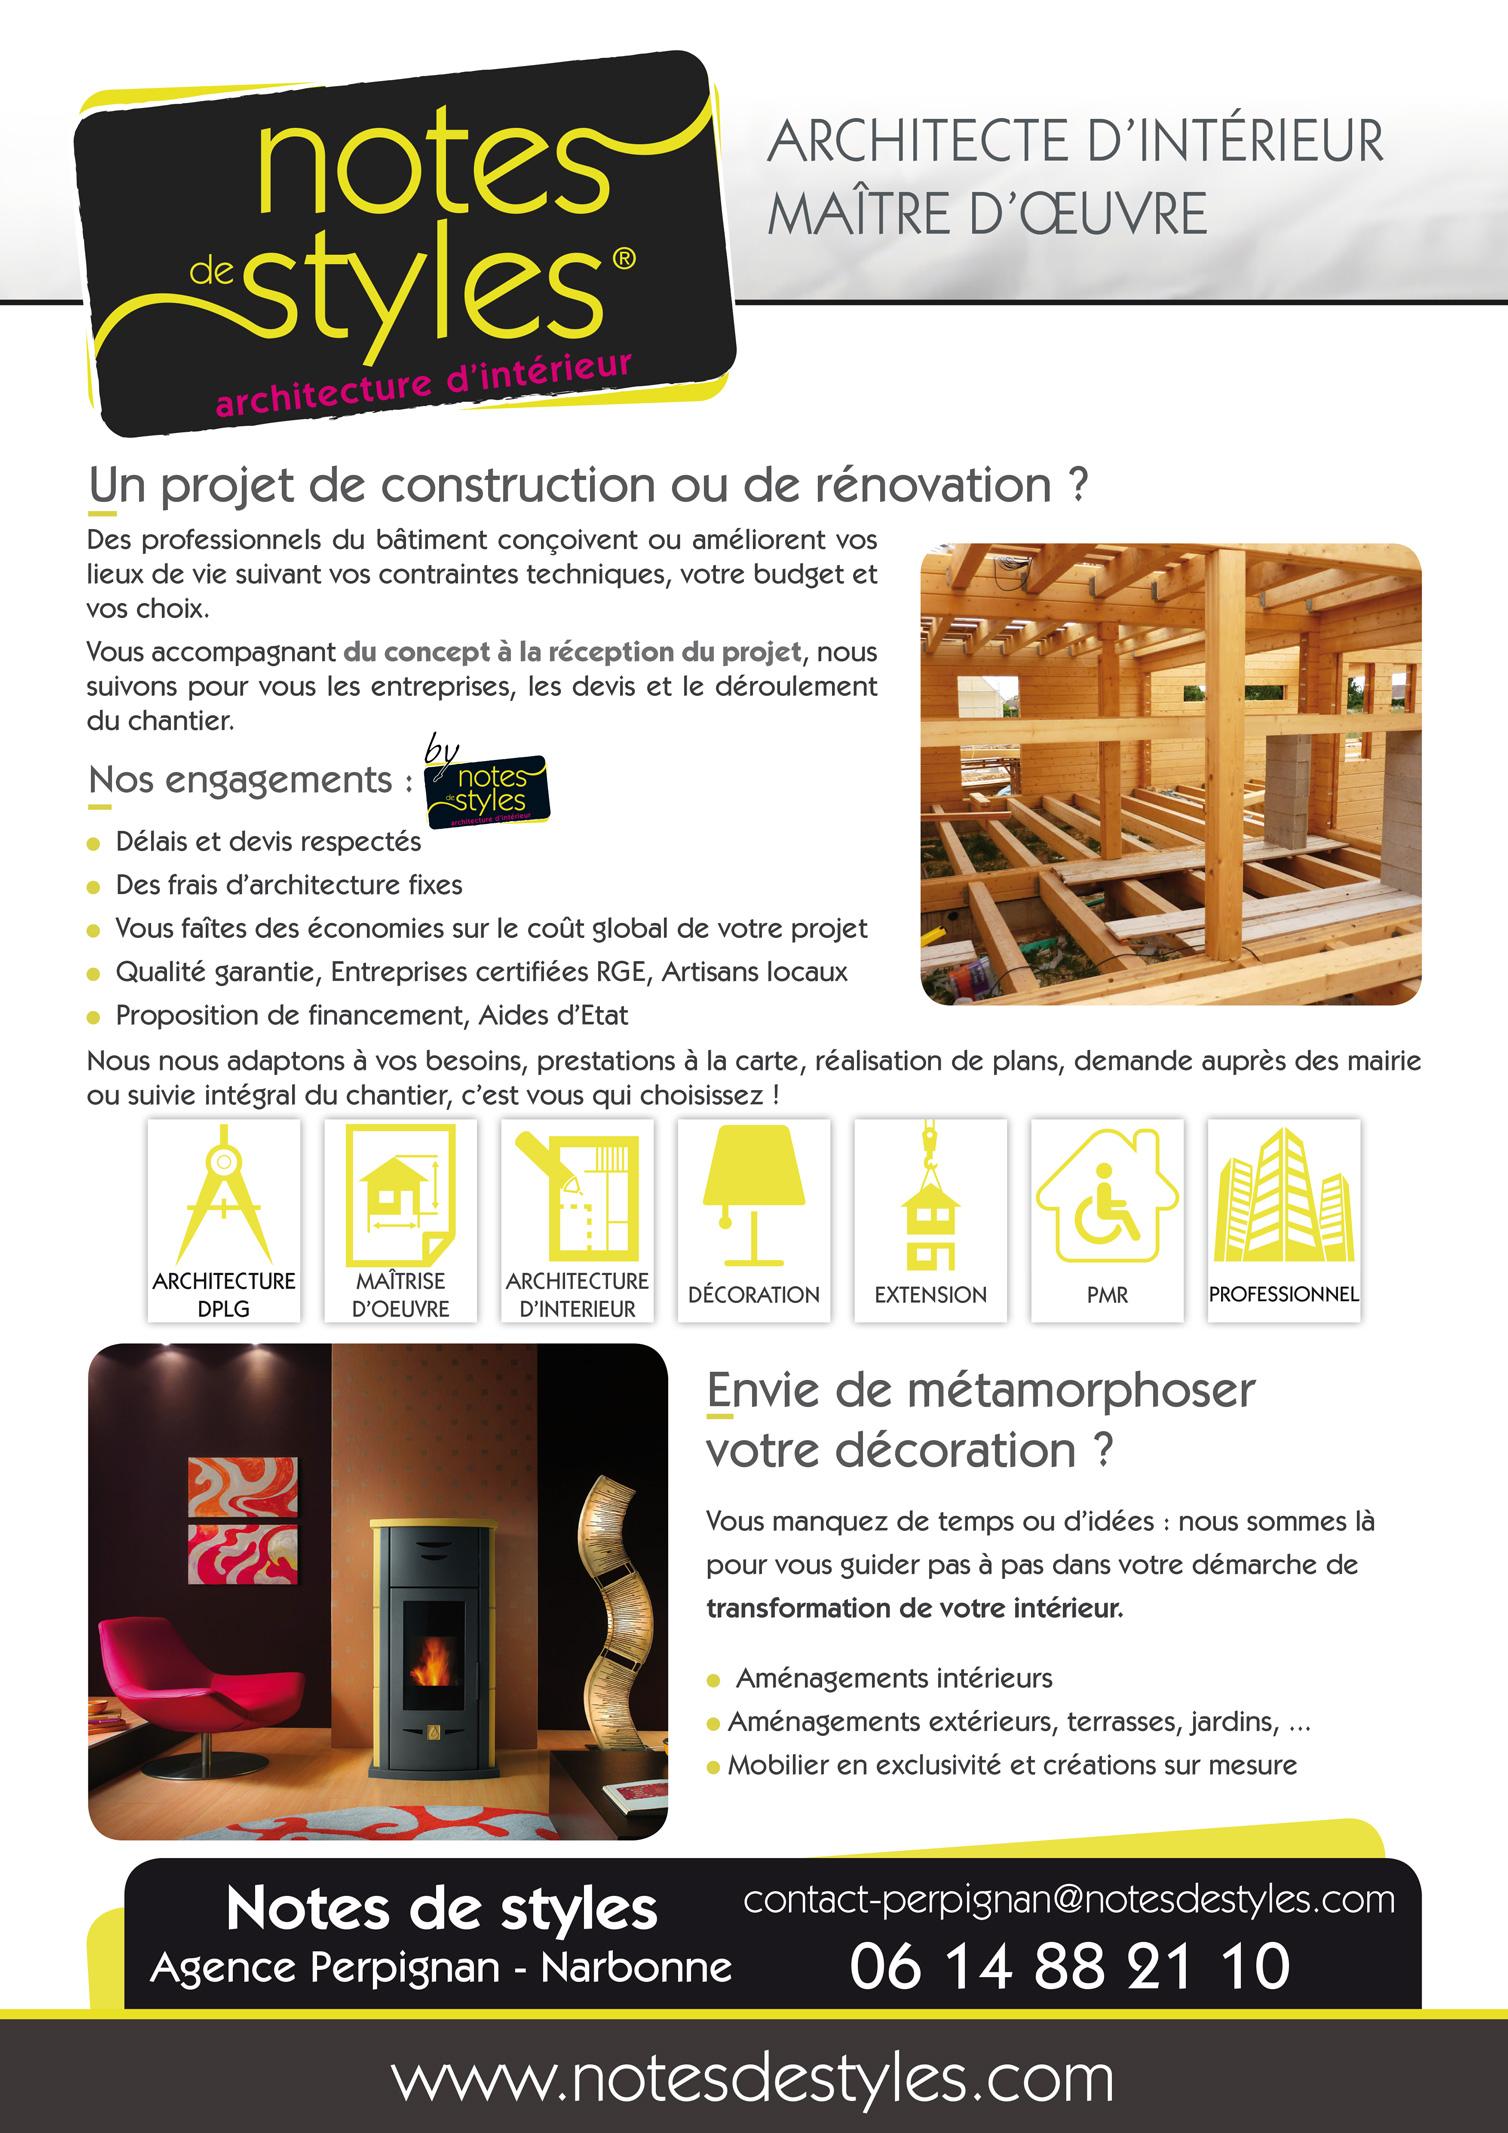 Publicité Notes de Styles Perpignan - Réalisation 2018 - Print - Matthieu Loigerot